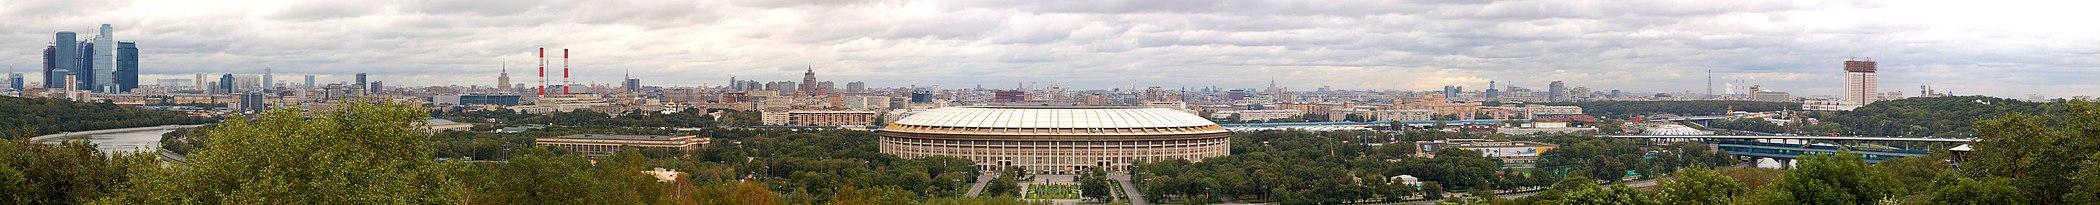 Moscou vista da Colina dos Pardais: o Centro Internacional de Negócios, o rio Moscova, o Estádio Lujniki, a Estação Vorobiovy Gory e a sede da Academia de Ciências da Rússia.